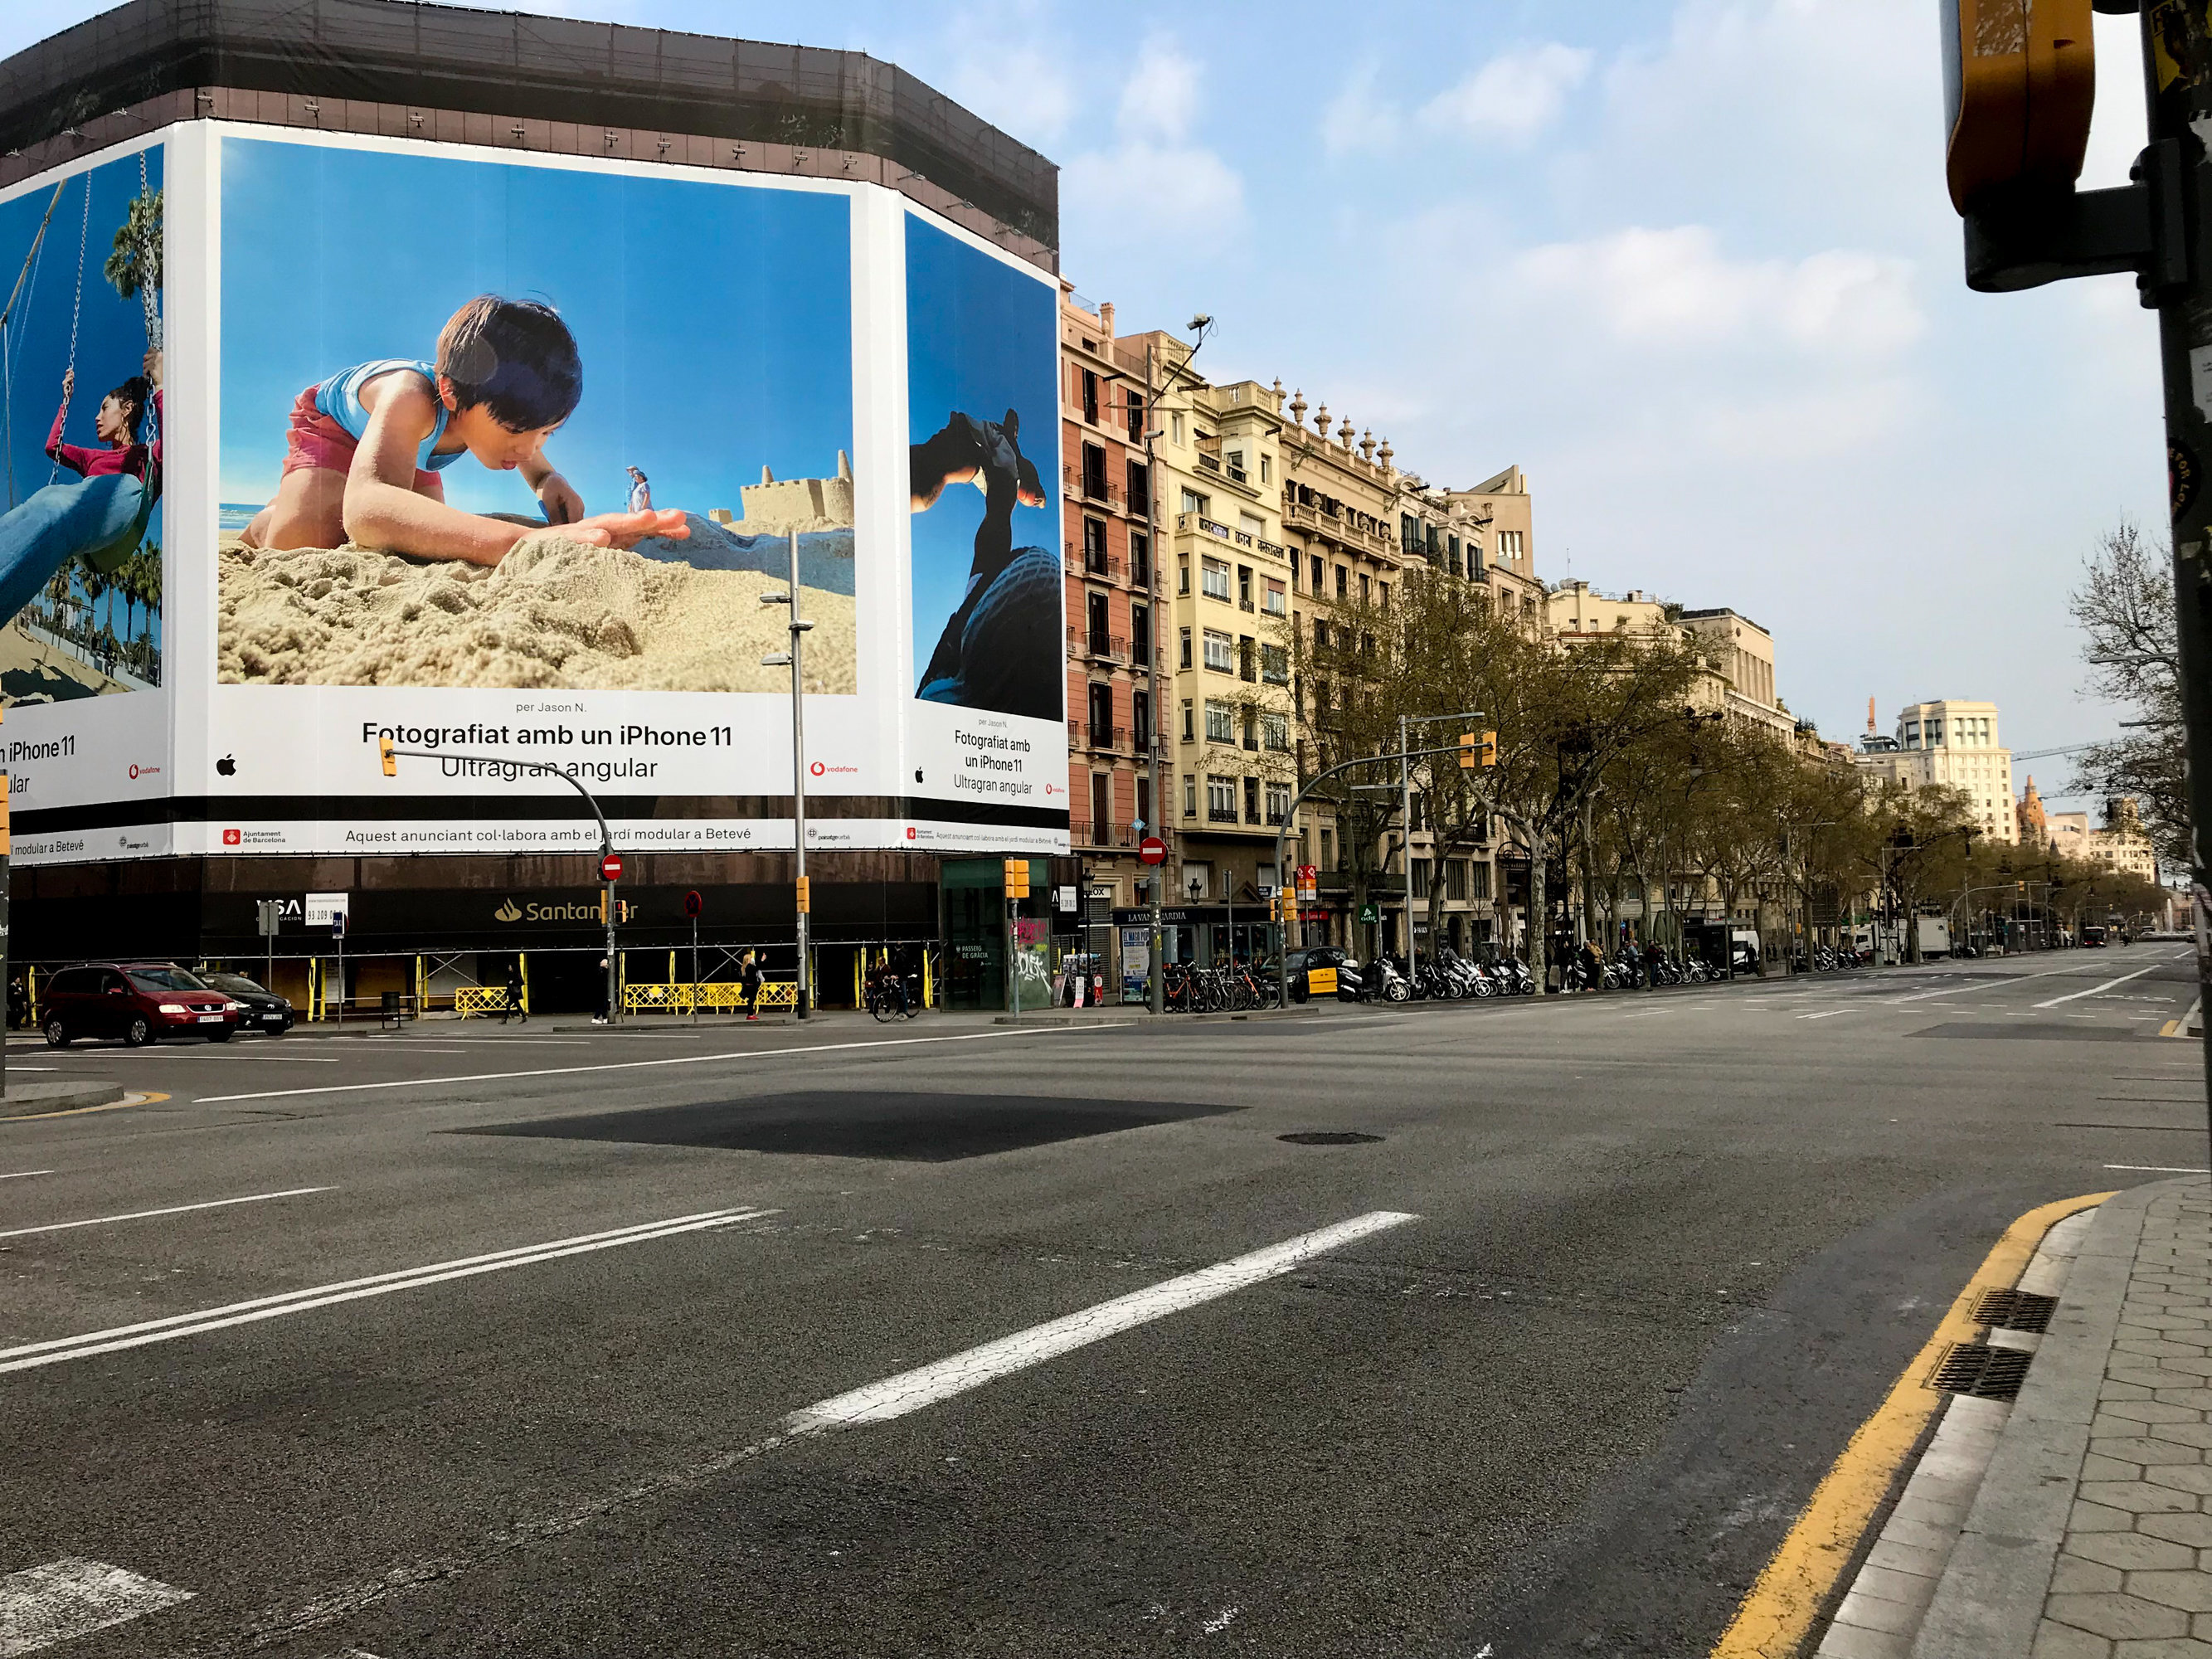 IMAGEM: Com tombo de 18,5% no 2º trimestre, Espanha entra em recessão